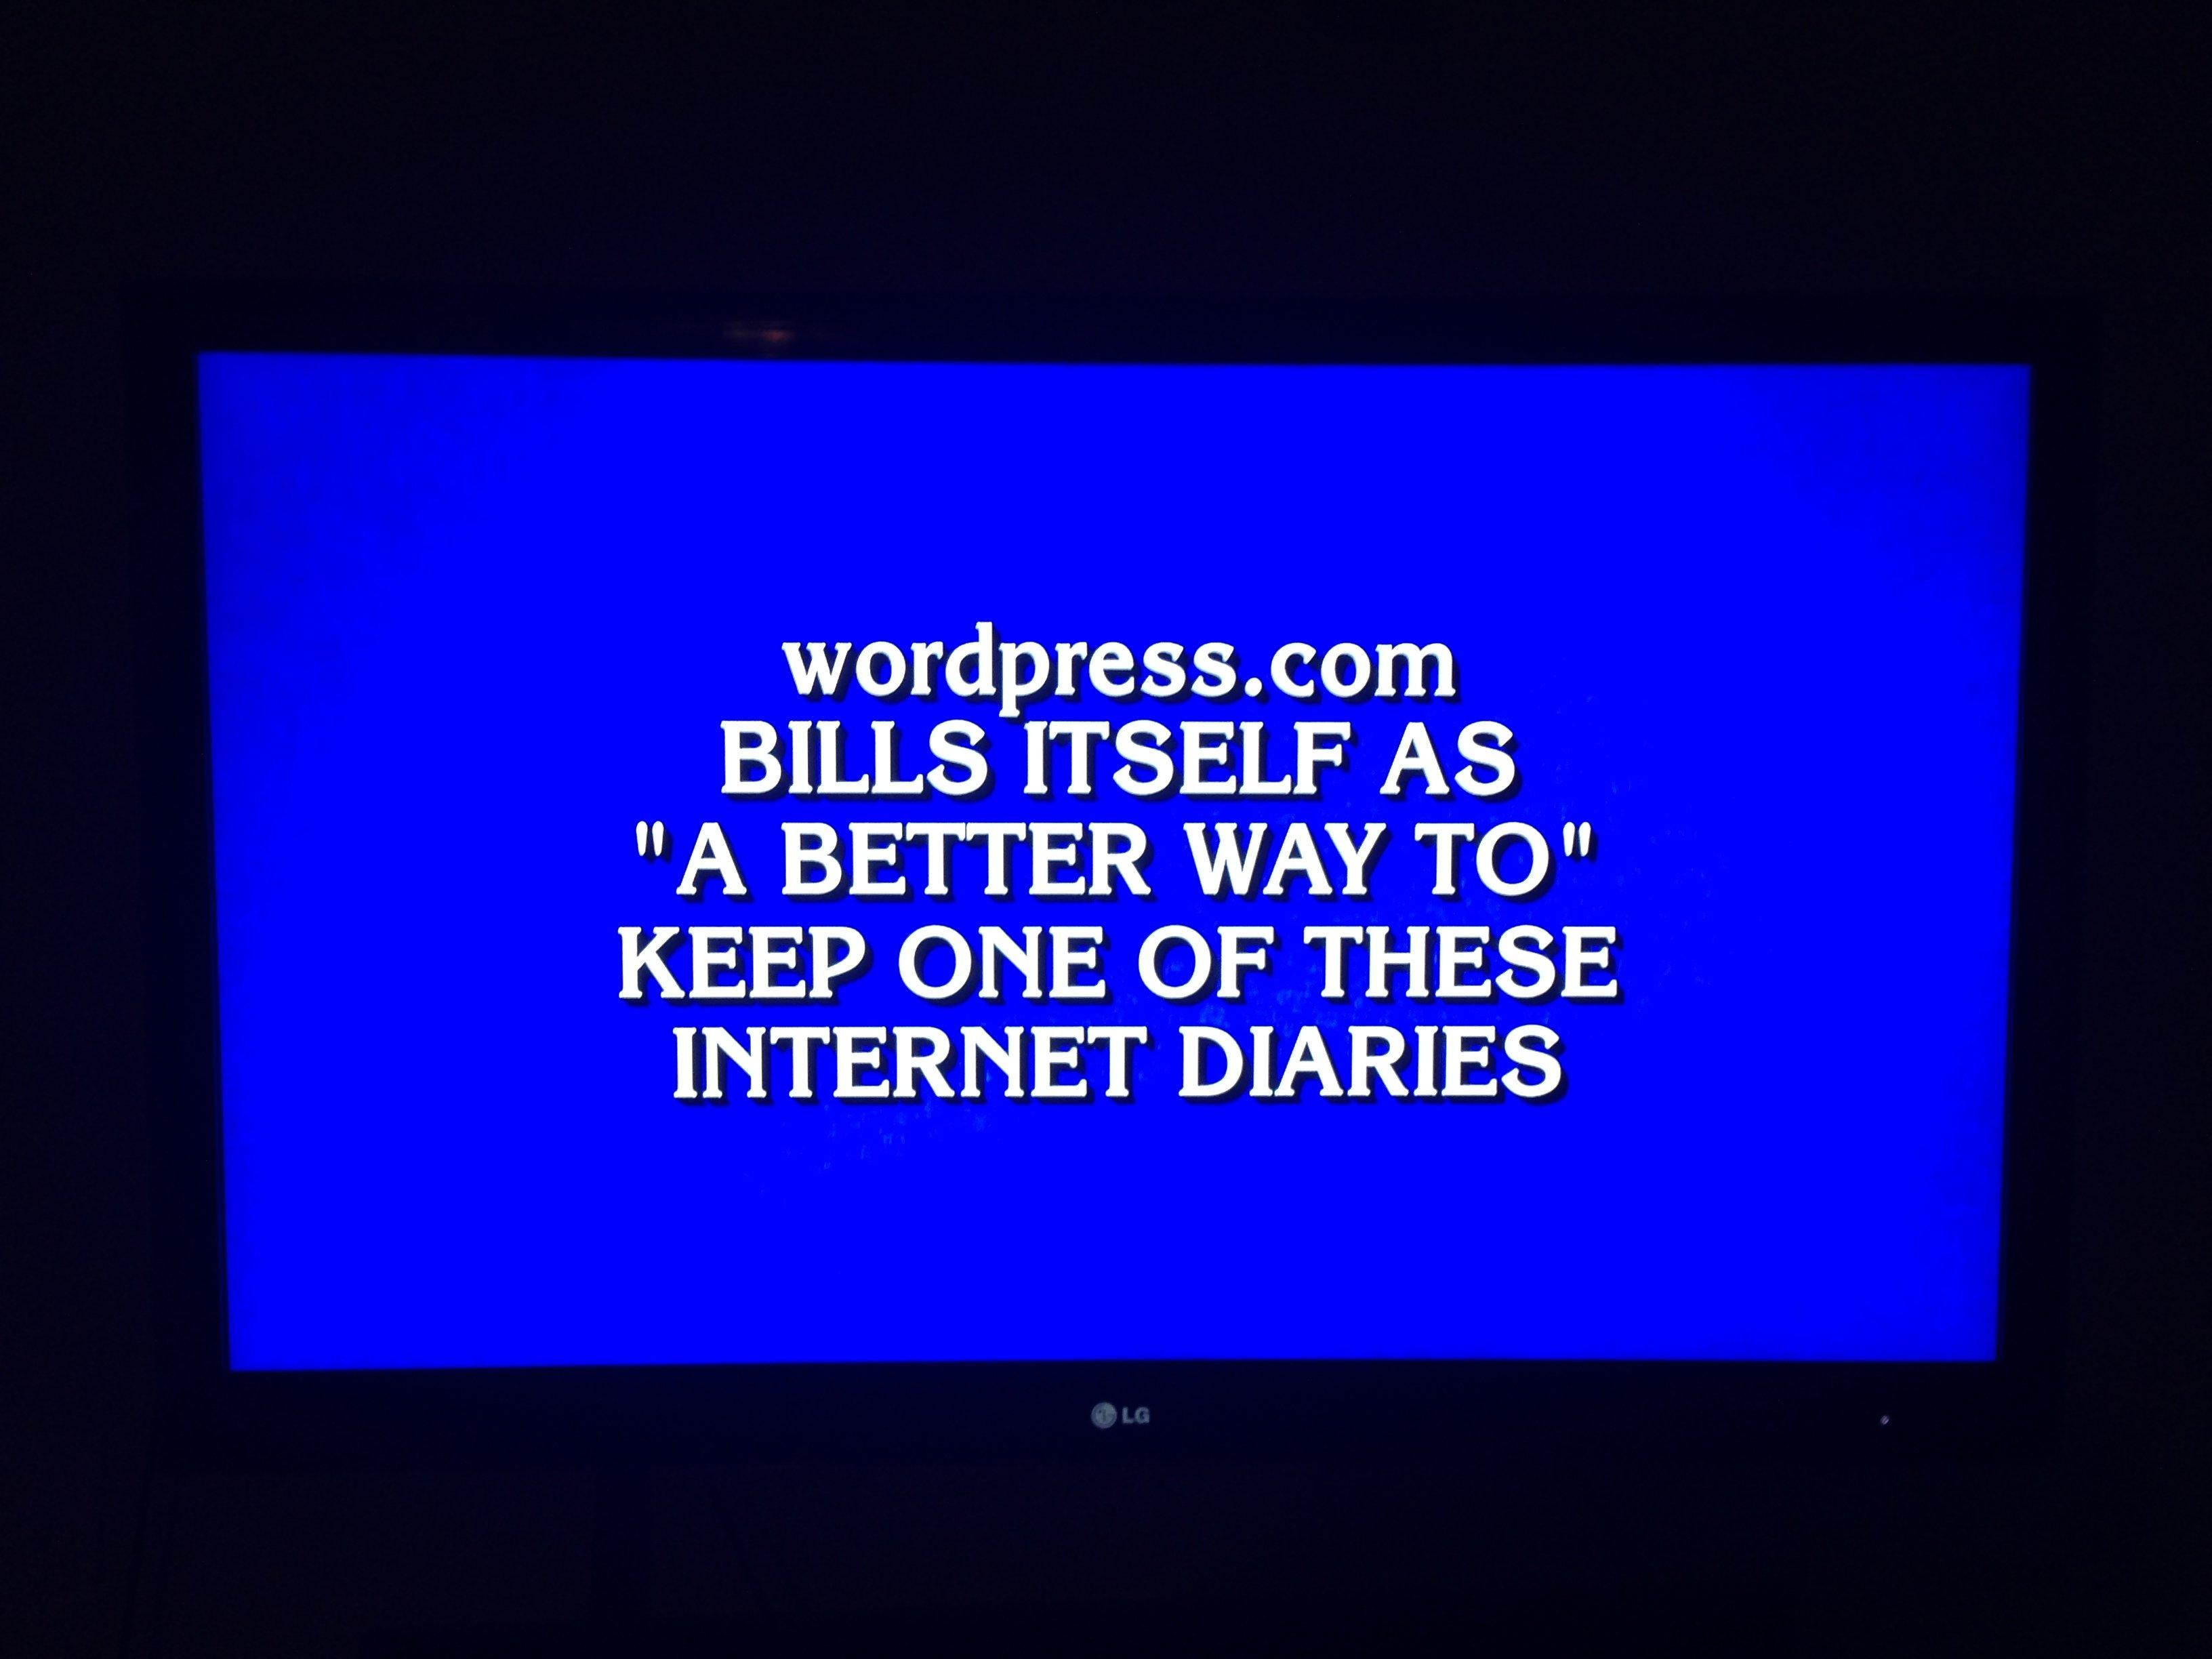 WordPress.com On Jeopardy!